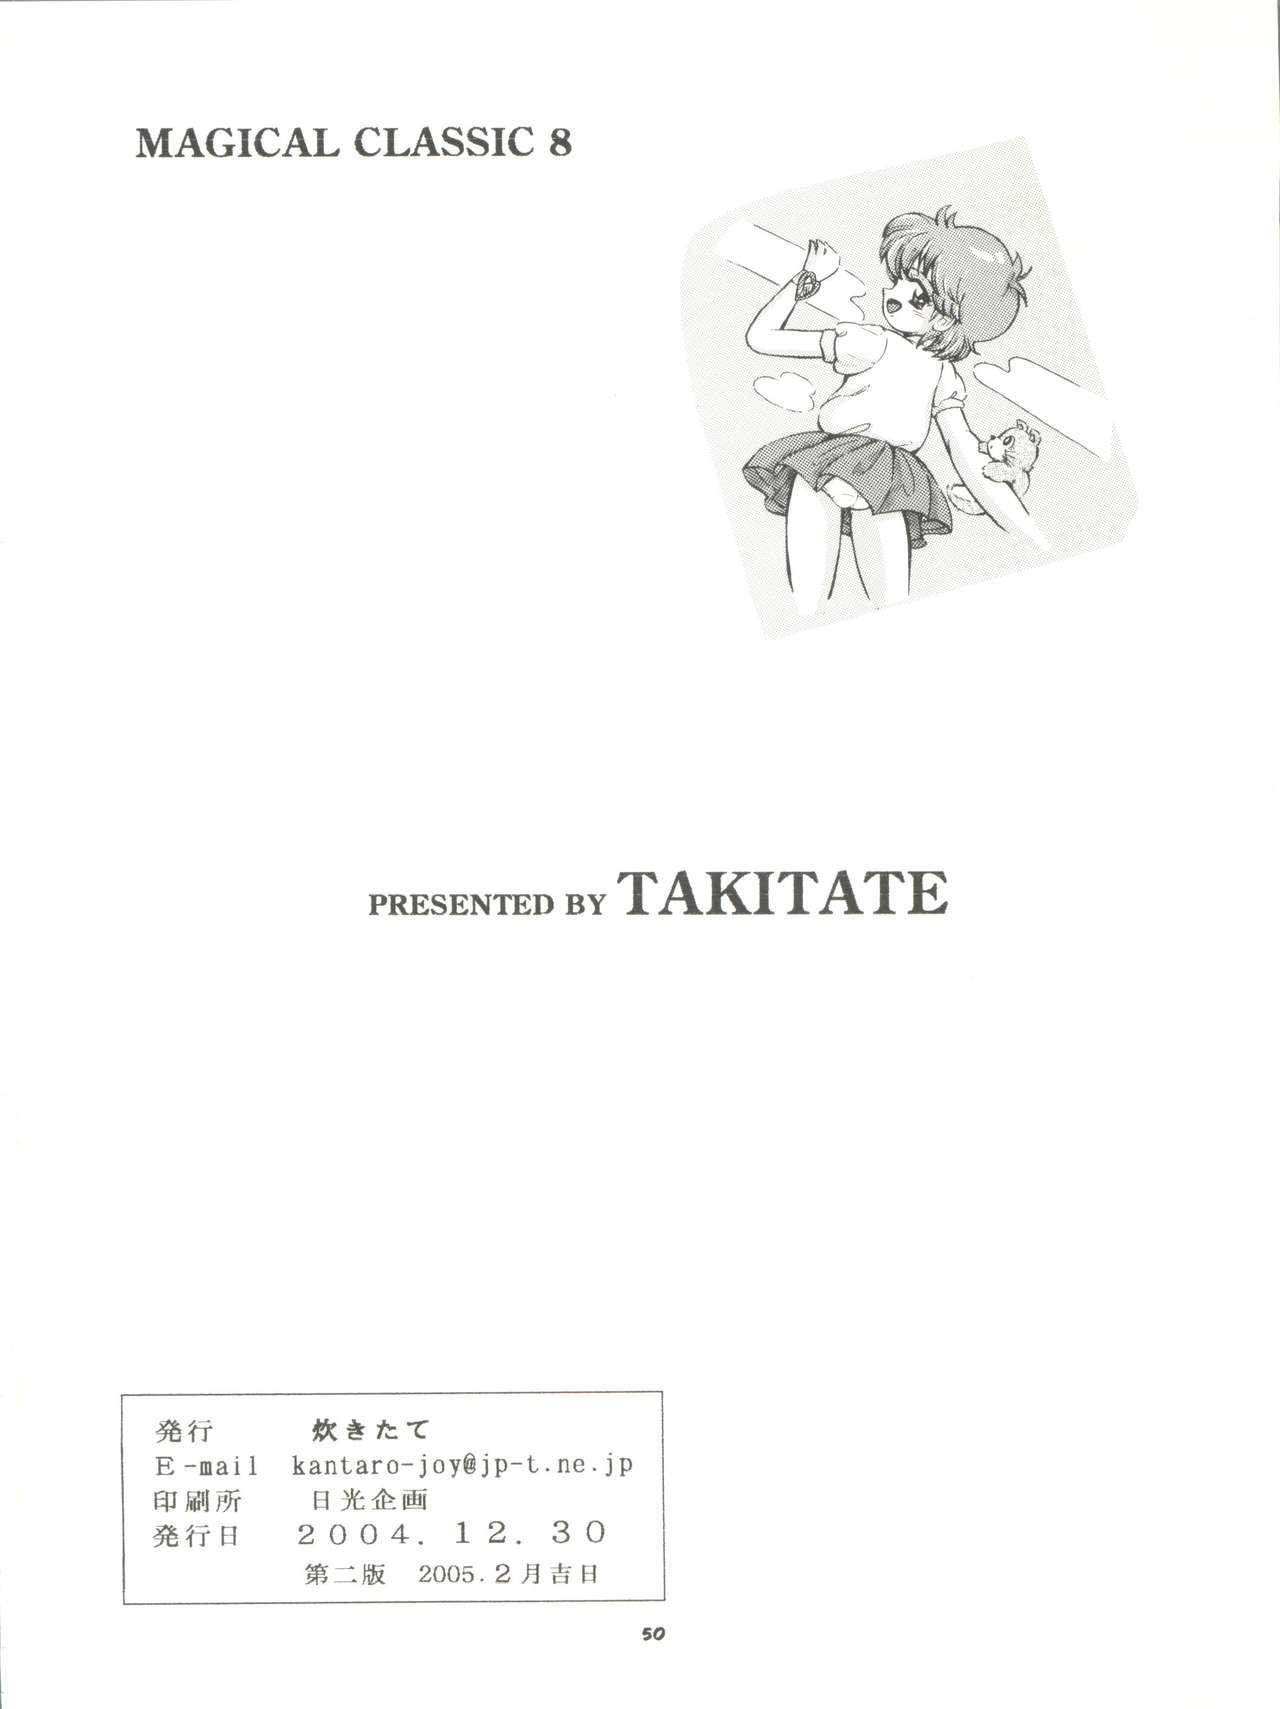 Mahou Kyuushiki 8 - Magical Classic 8 49